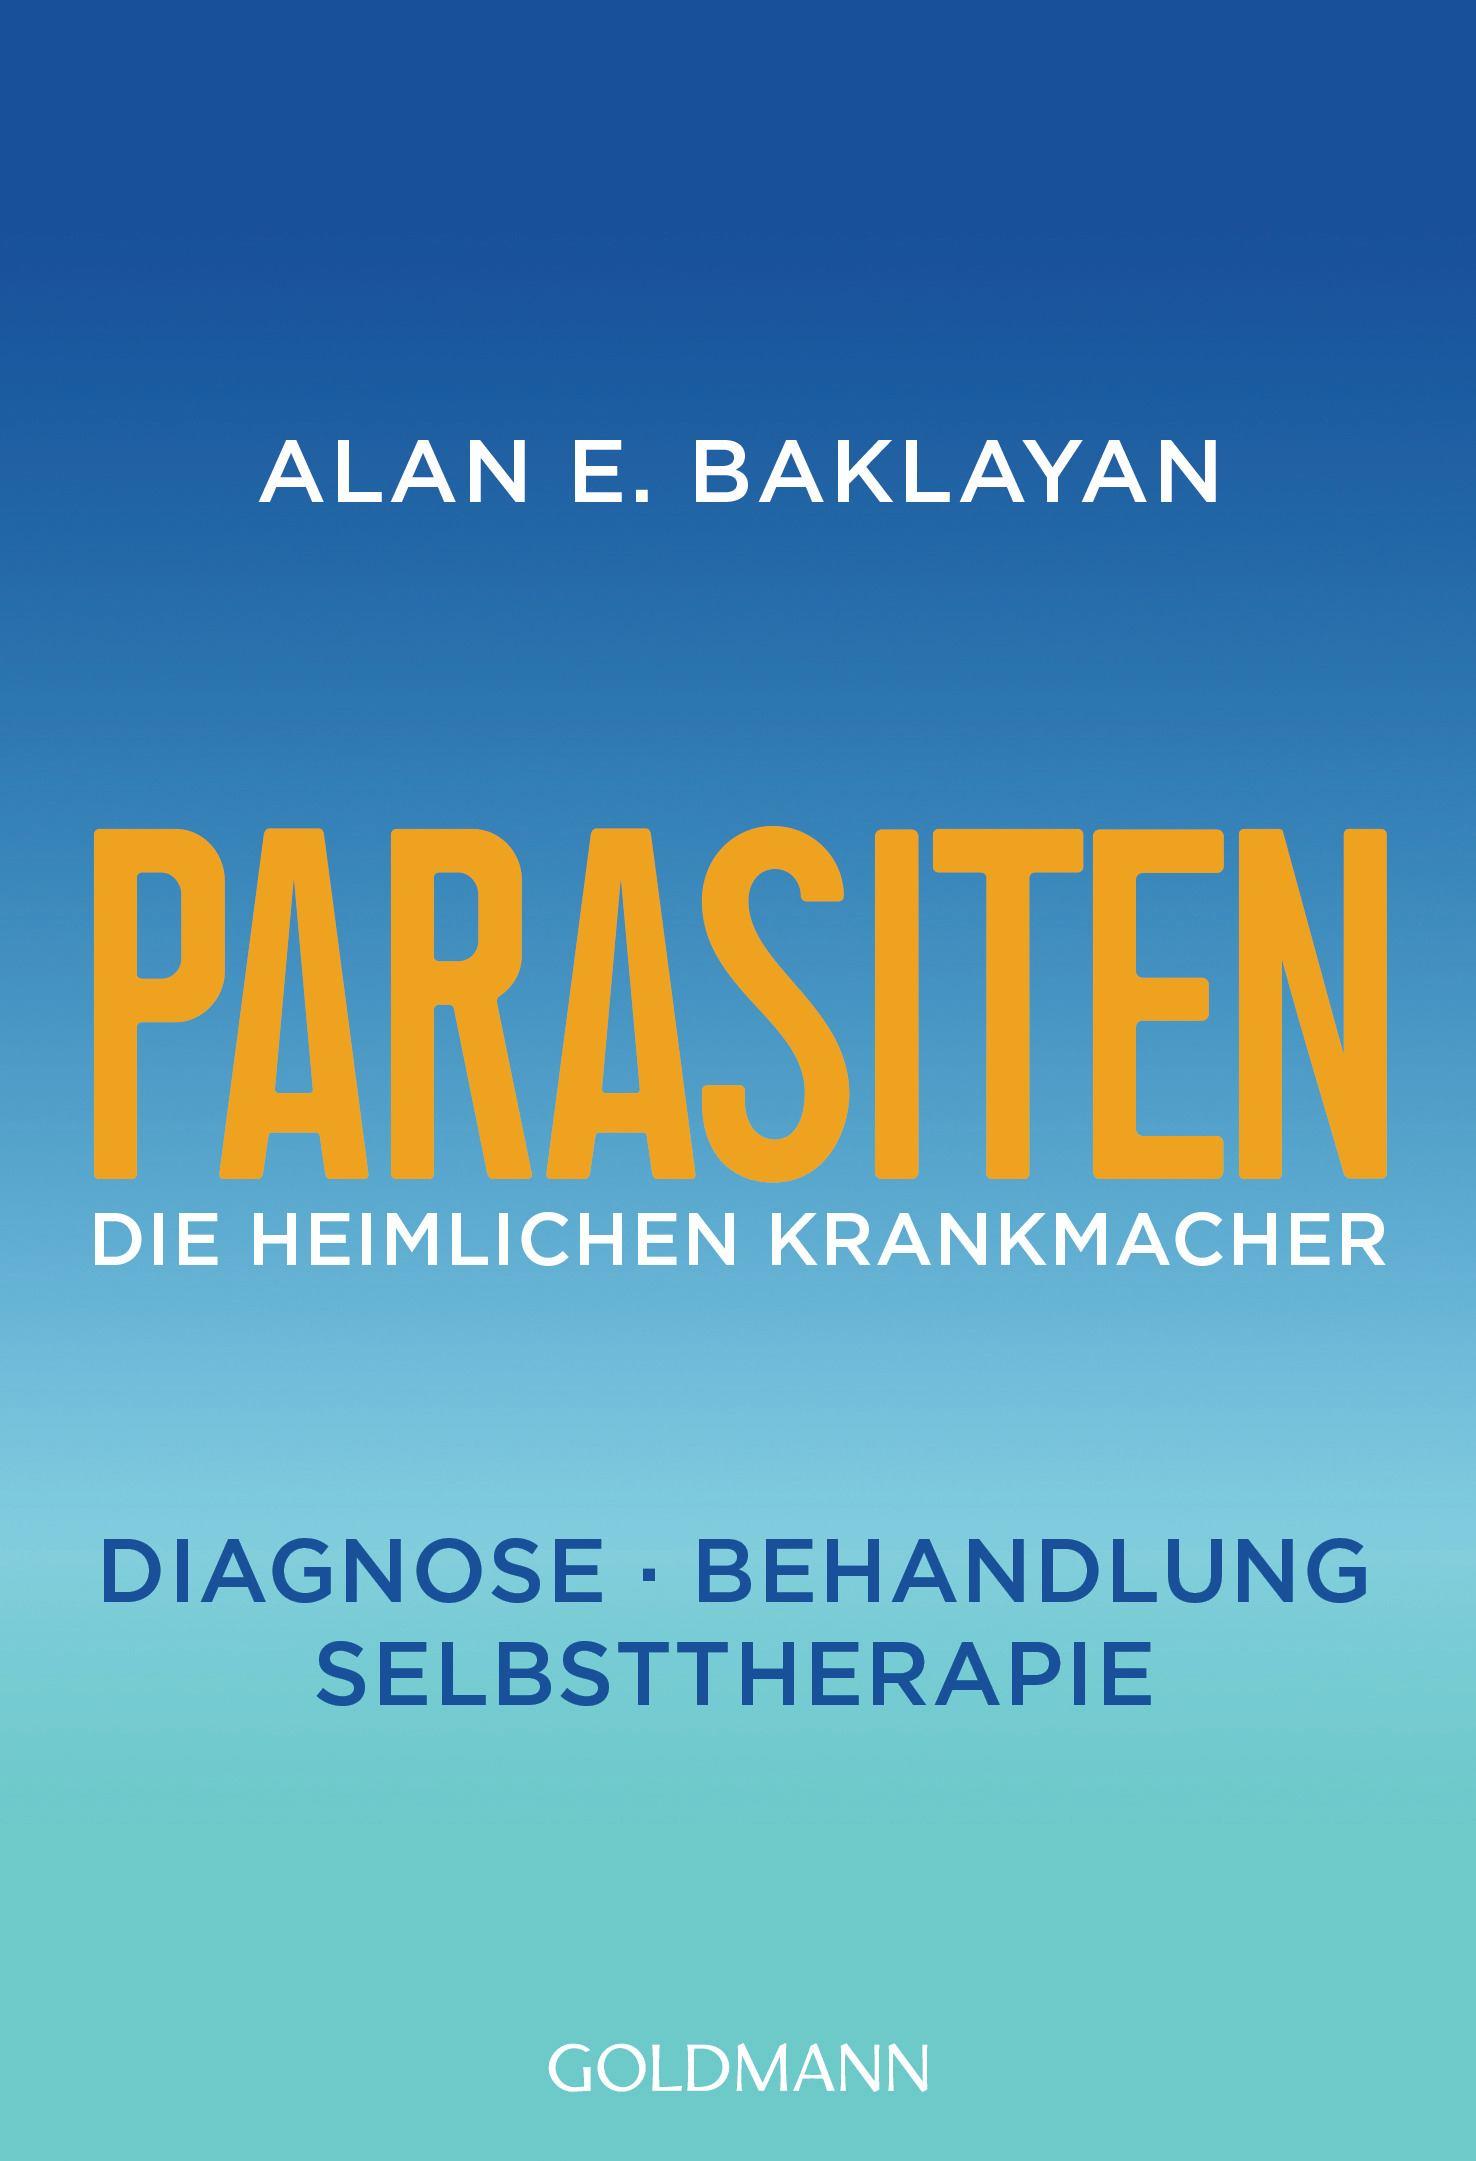 Parasiten: Die heimlichen Krankmacher von Alan E. Baklayan